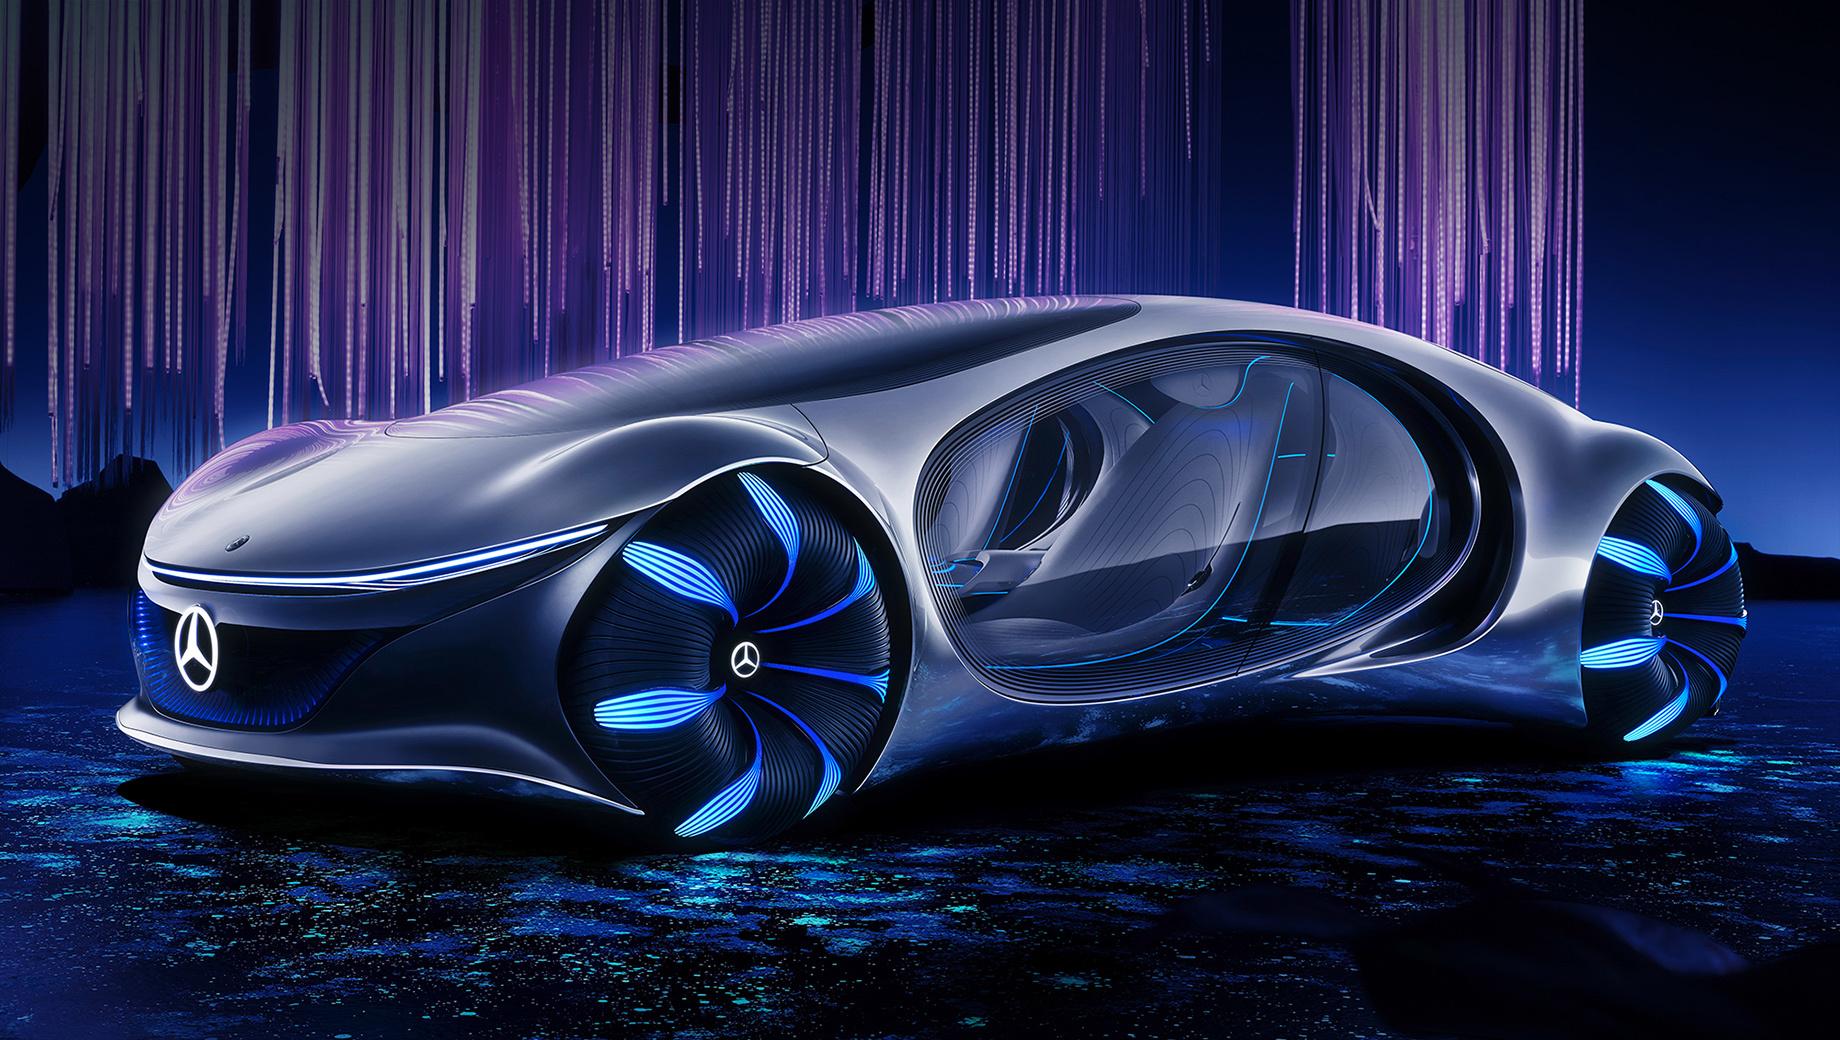 Mercedes vision avtr,Mercedes concept. Название AVTR, с одной стороны, отсылает к кинофильму Avatar, которым вдохновлялись создатели концепта. С другой, акроним означает Advanced Vehicle Transformation — продвинутую трансформацию машины при «слиянии» с владельцем и природой. «Органический» язык дизайна зовётся One Bow.